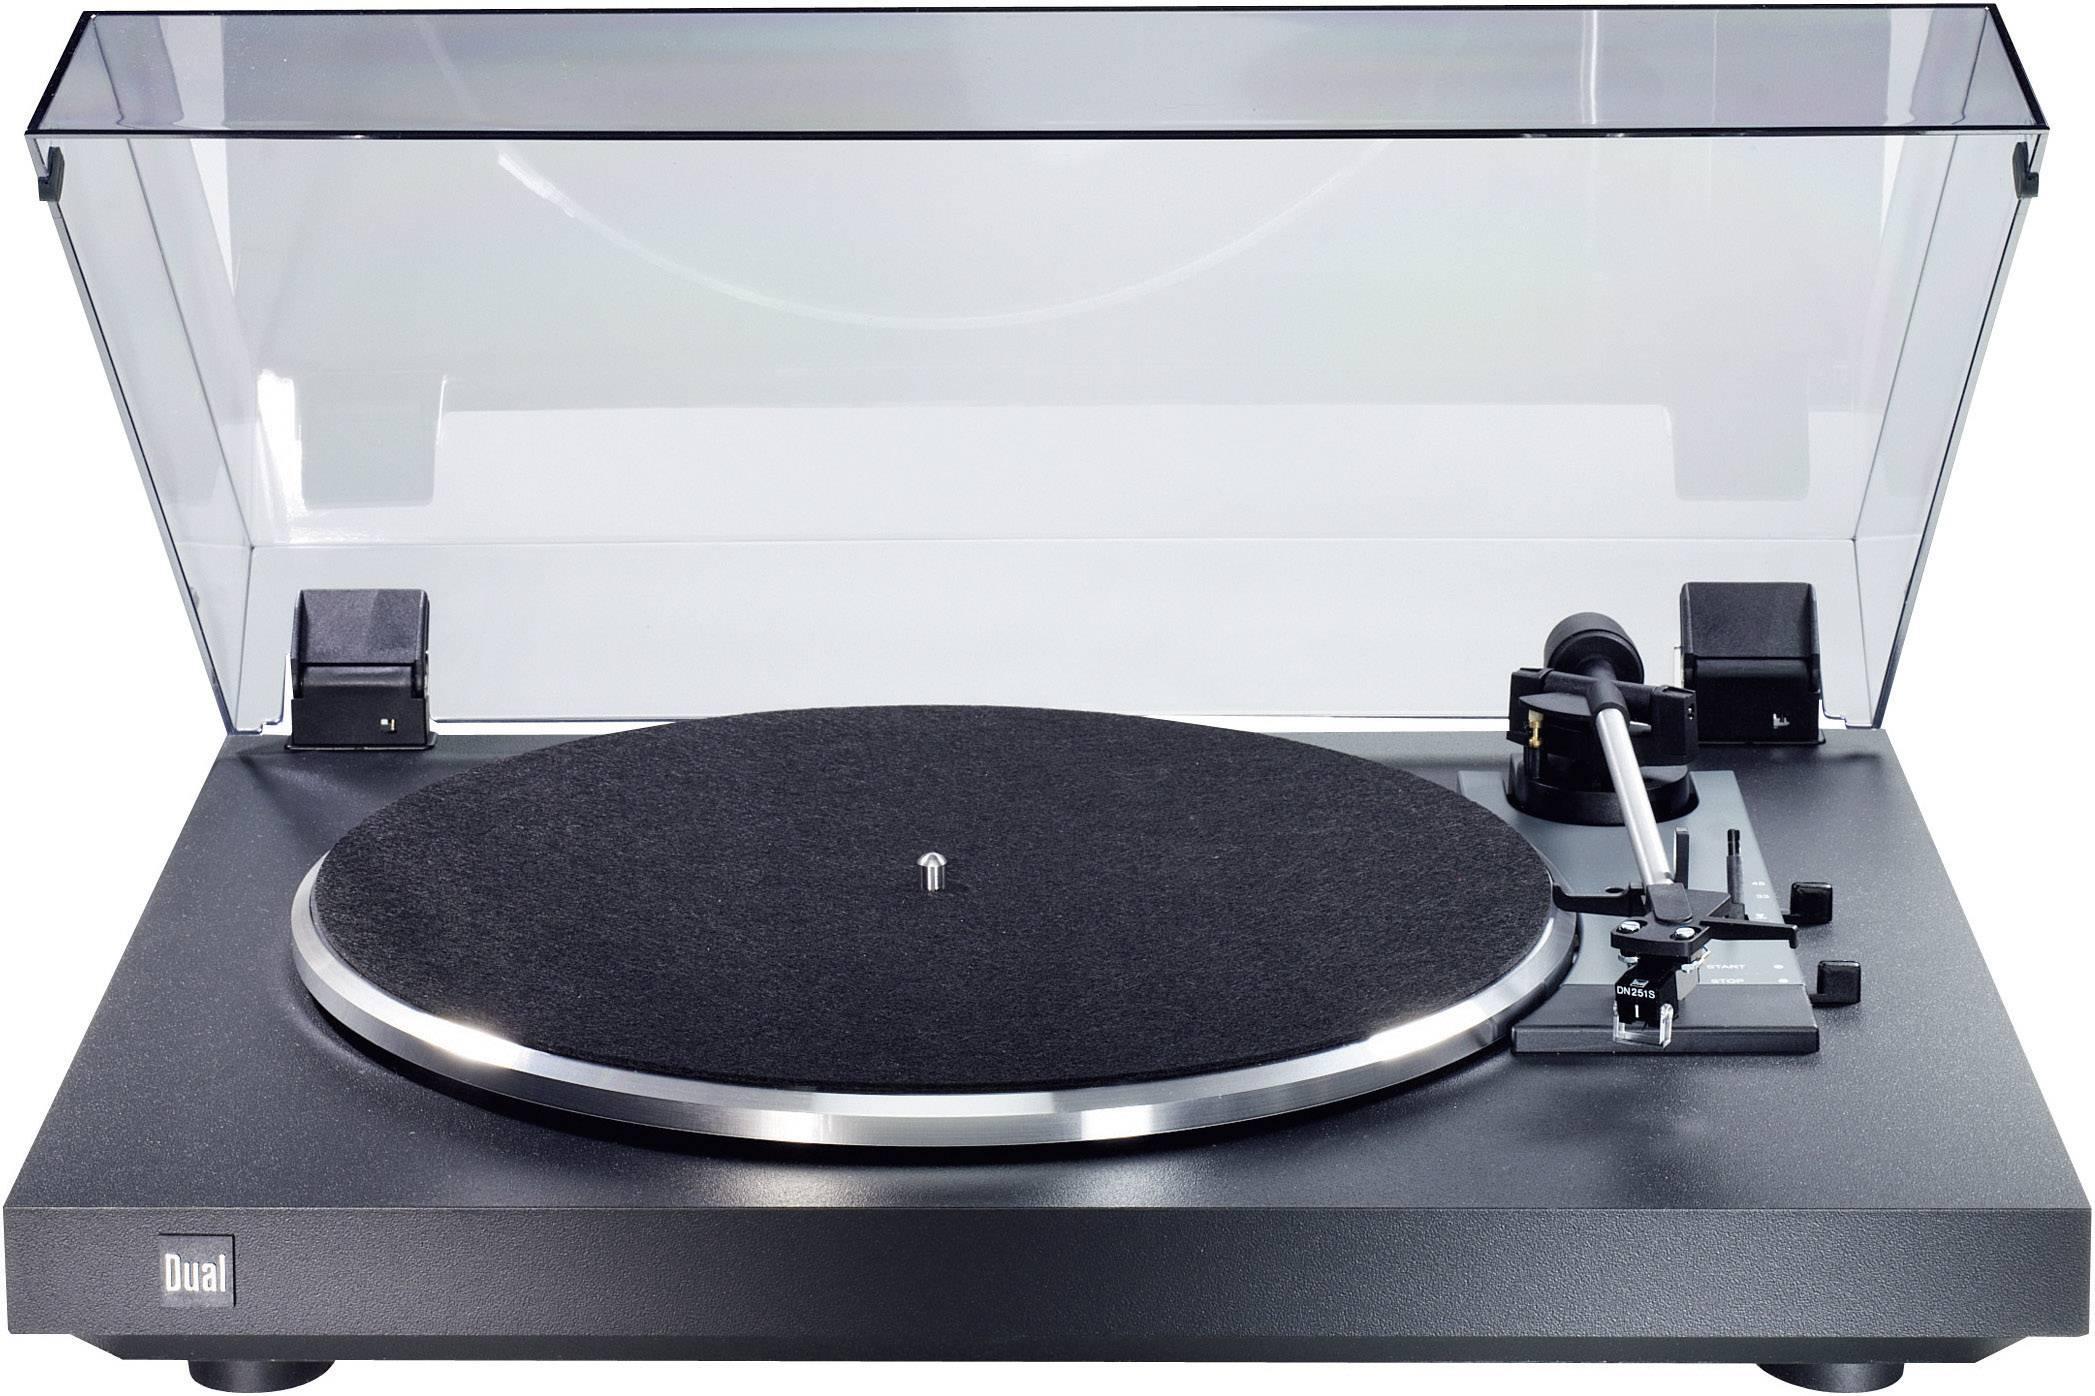 Gramofon Dual CS 415-2, řemínkový pohon, černá